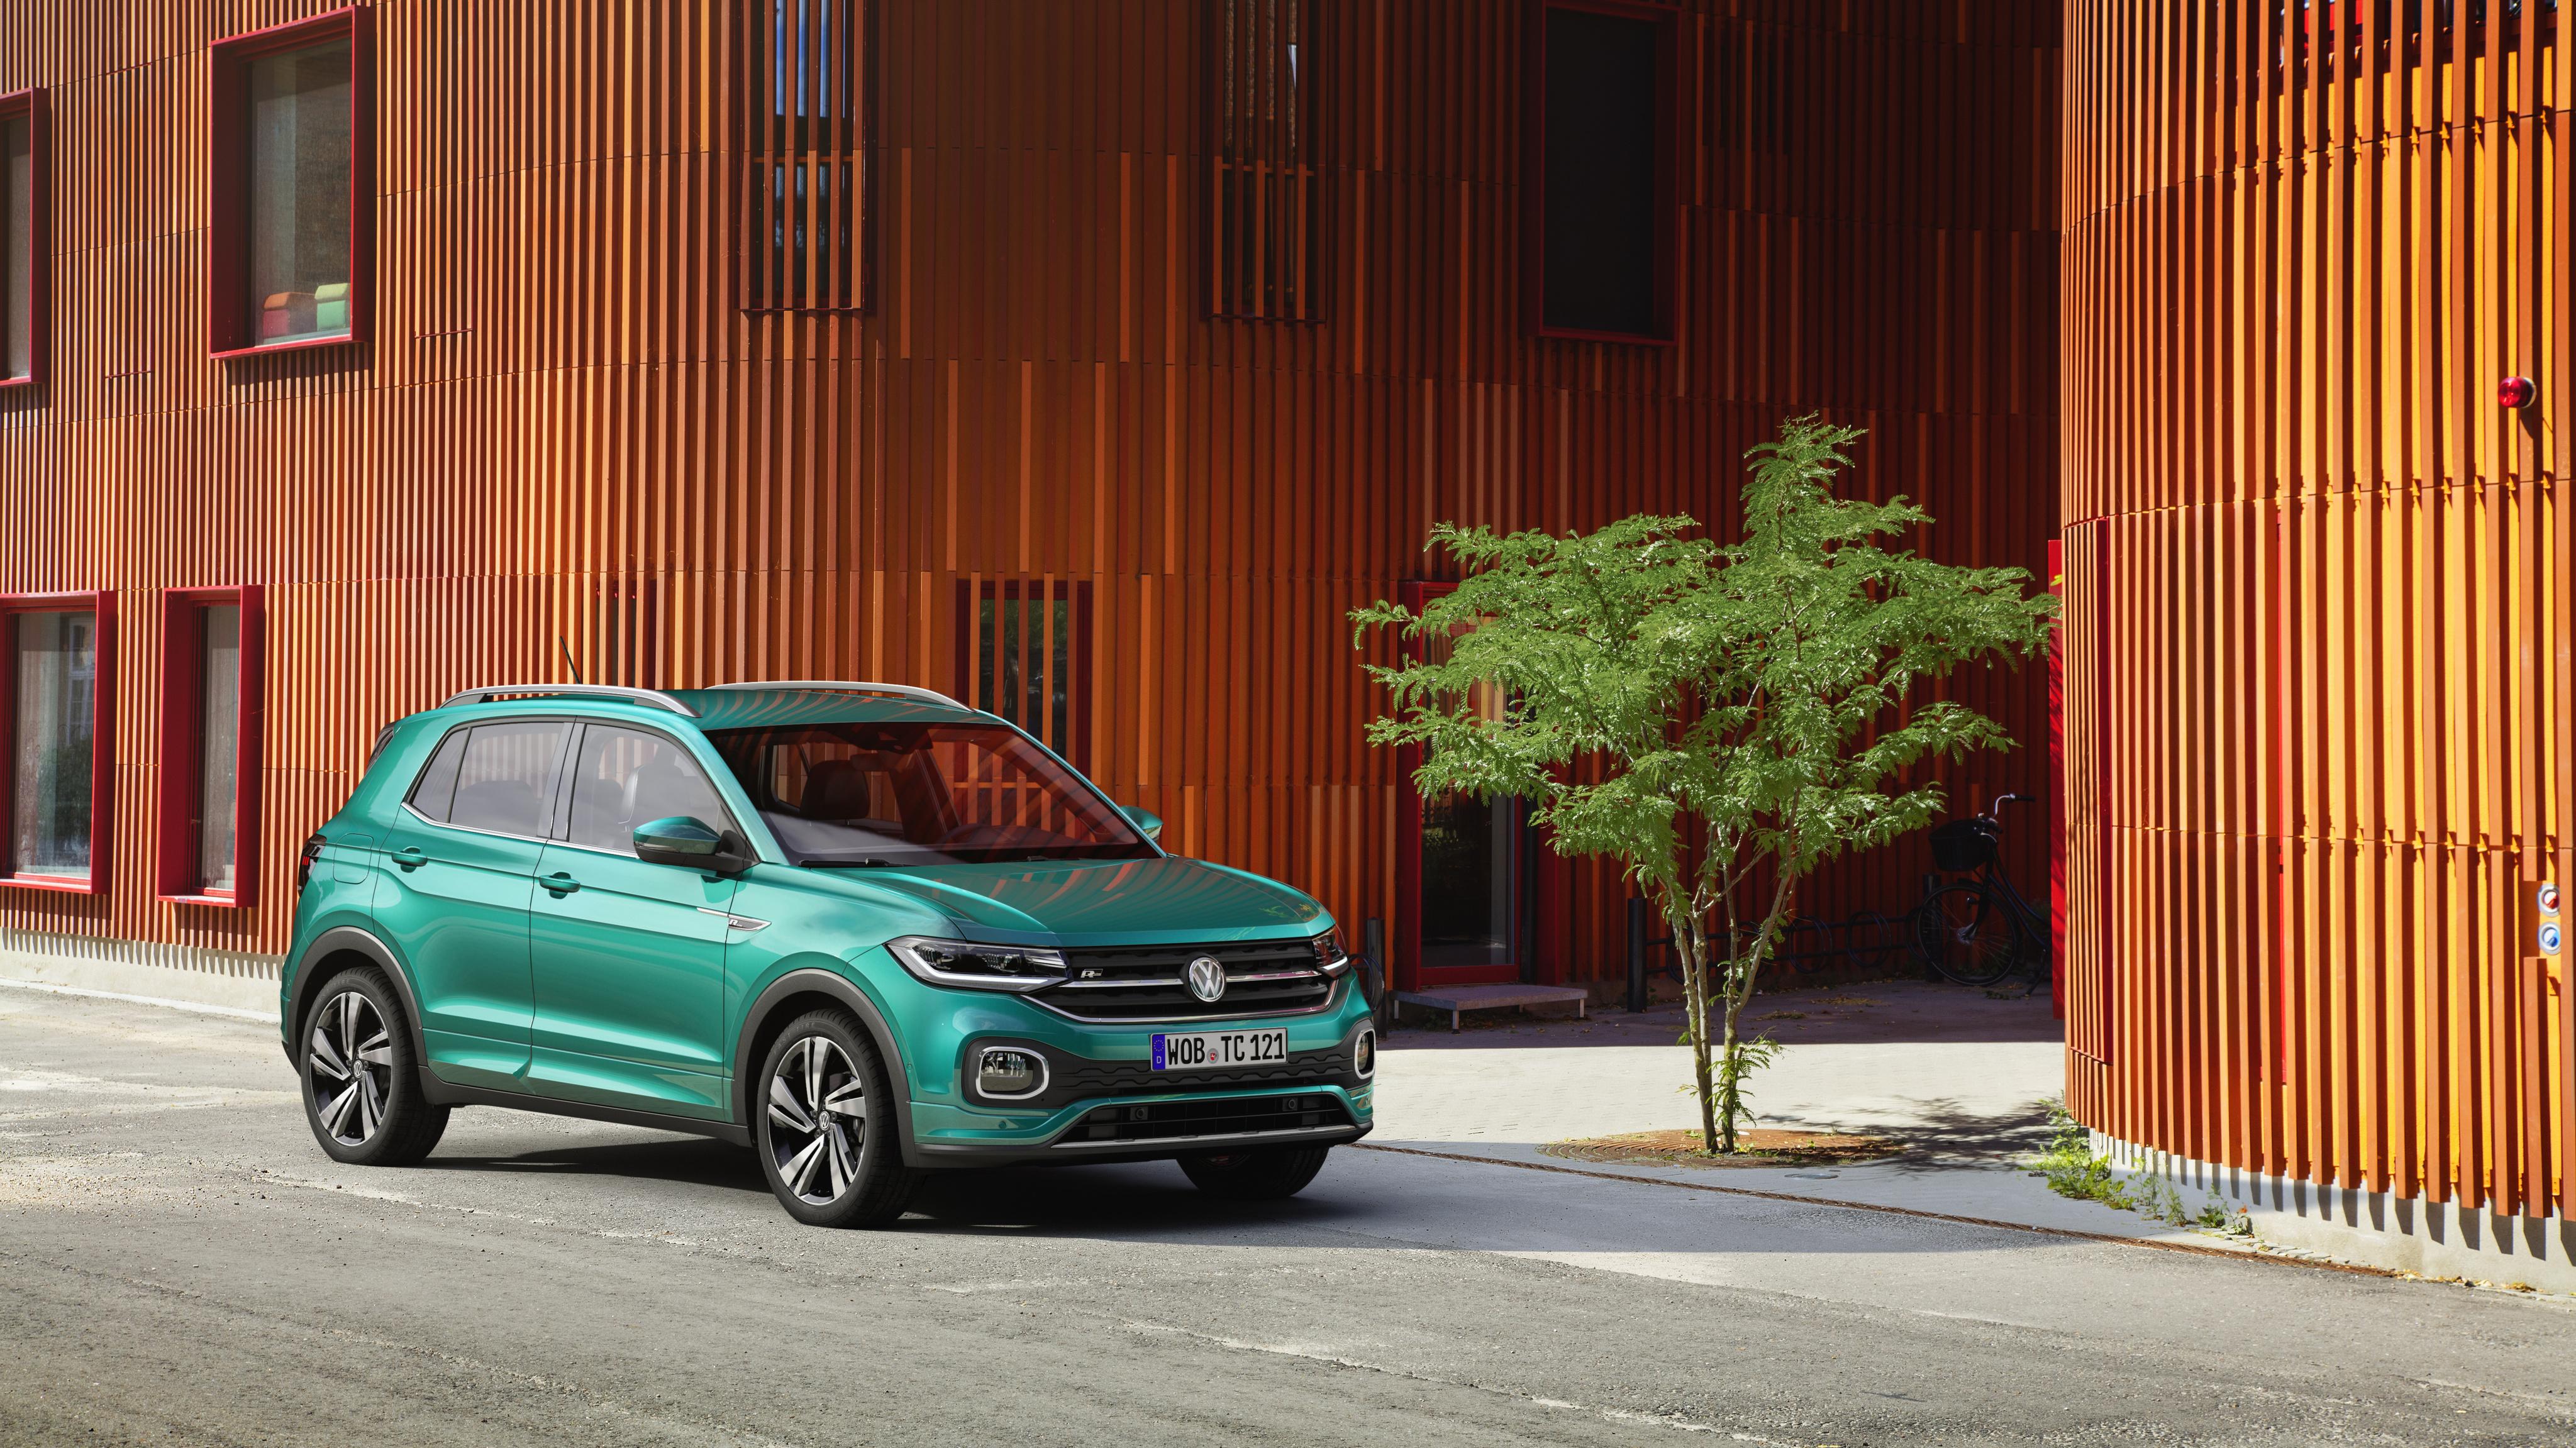 Volkswagen | Alles wat je moet weten voordat je een Volkswagen koopt - cover